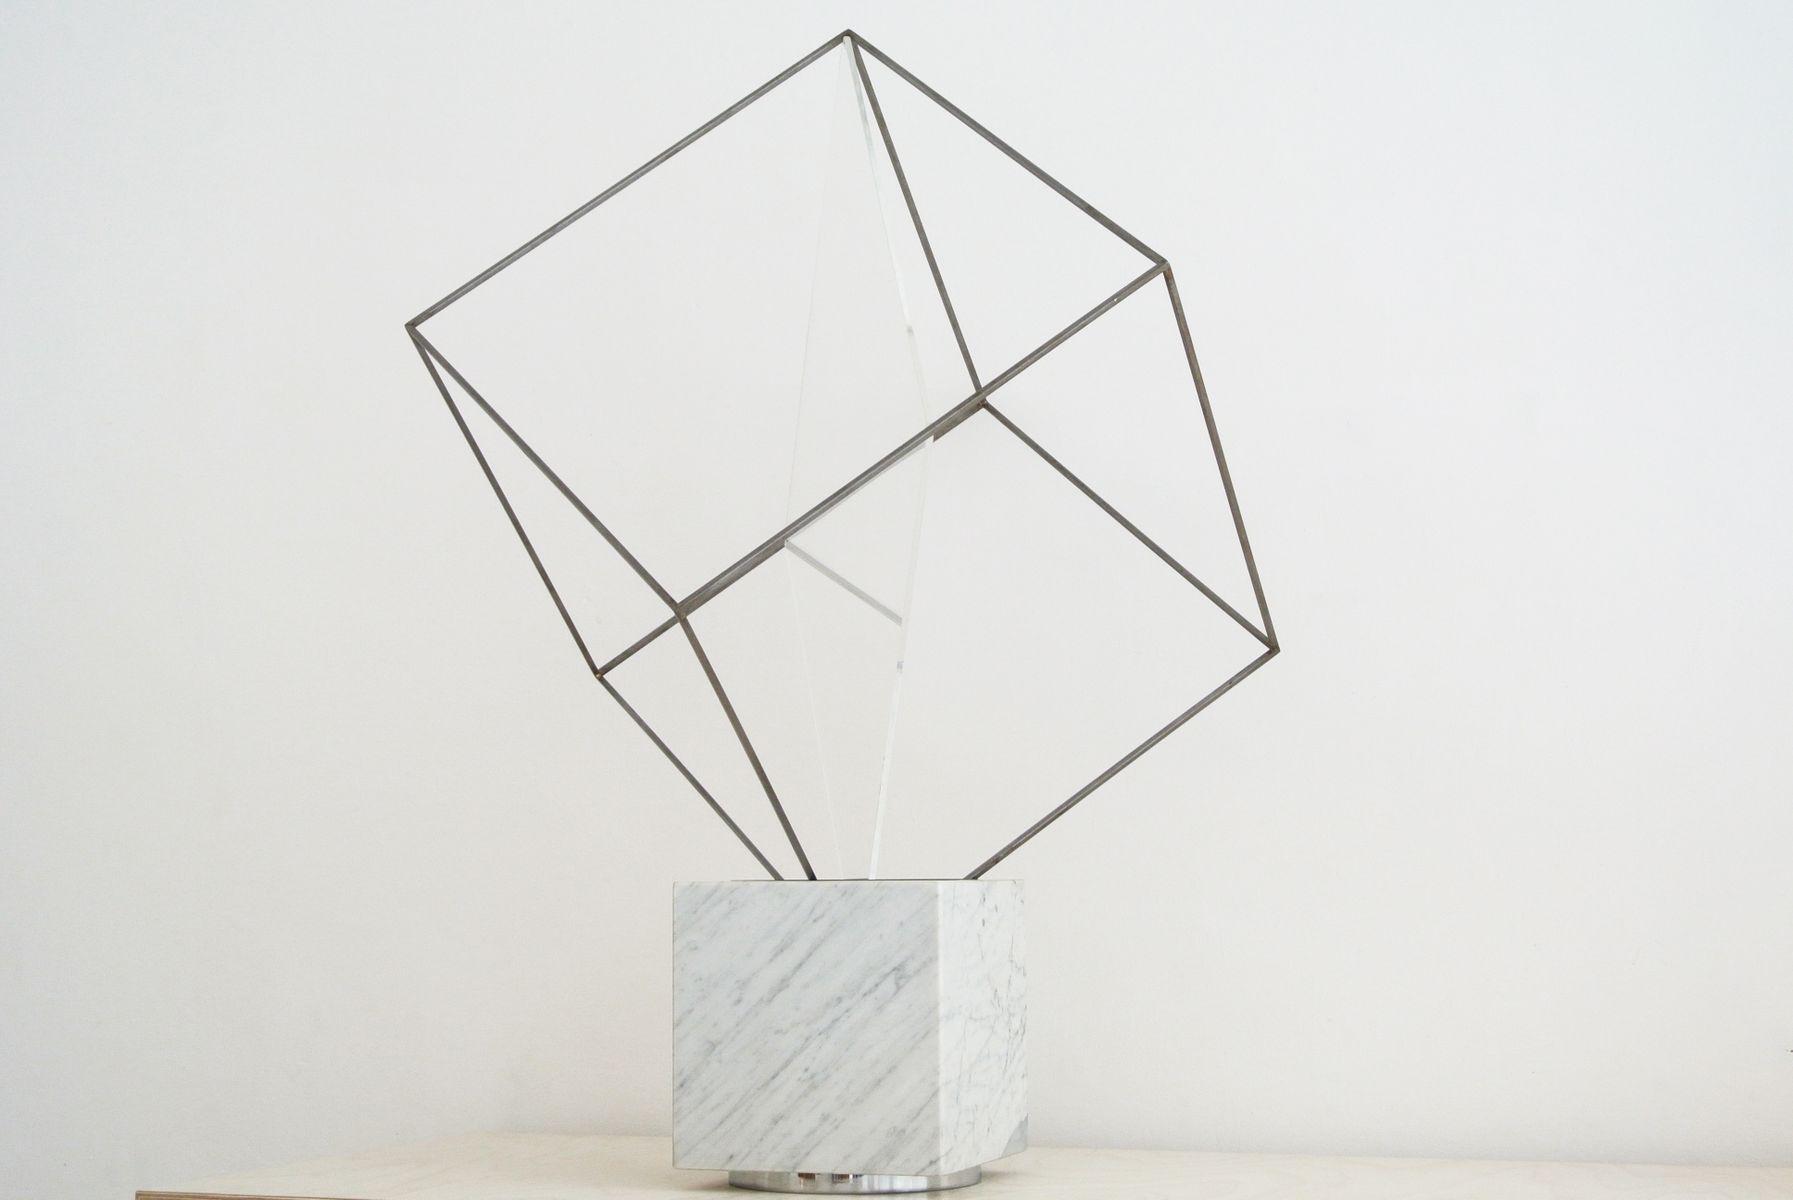 Tulpa Tischlampe von Claudio Salocchi für Lumenform, 1971